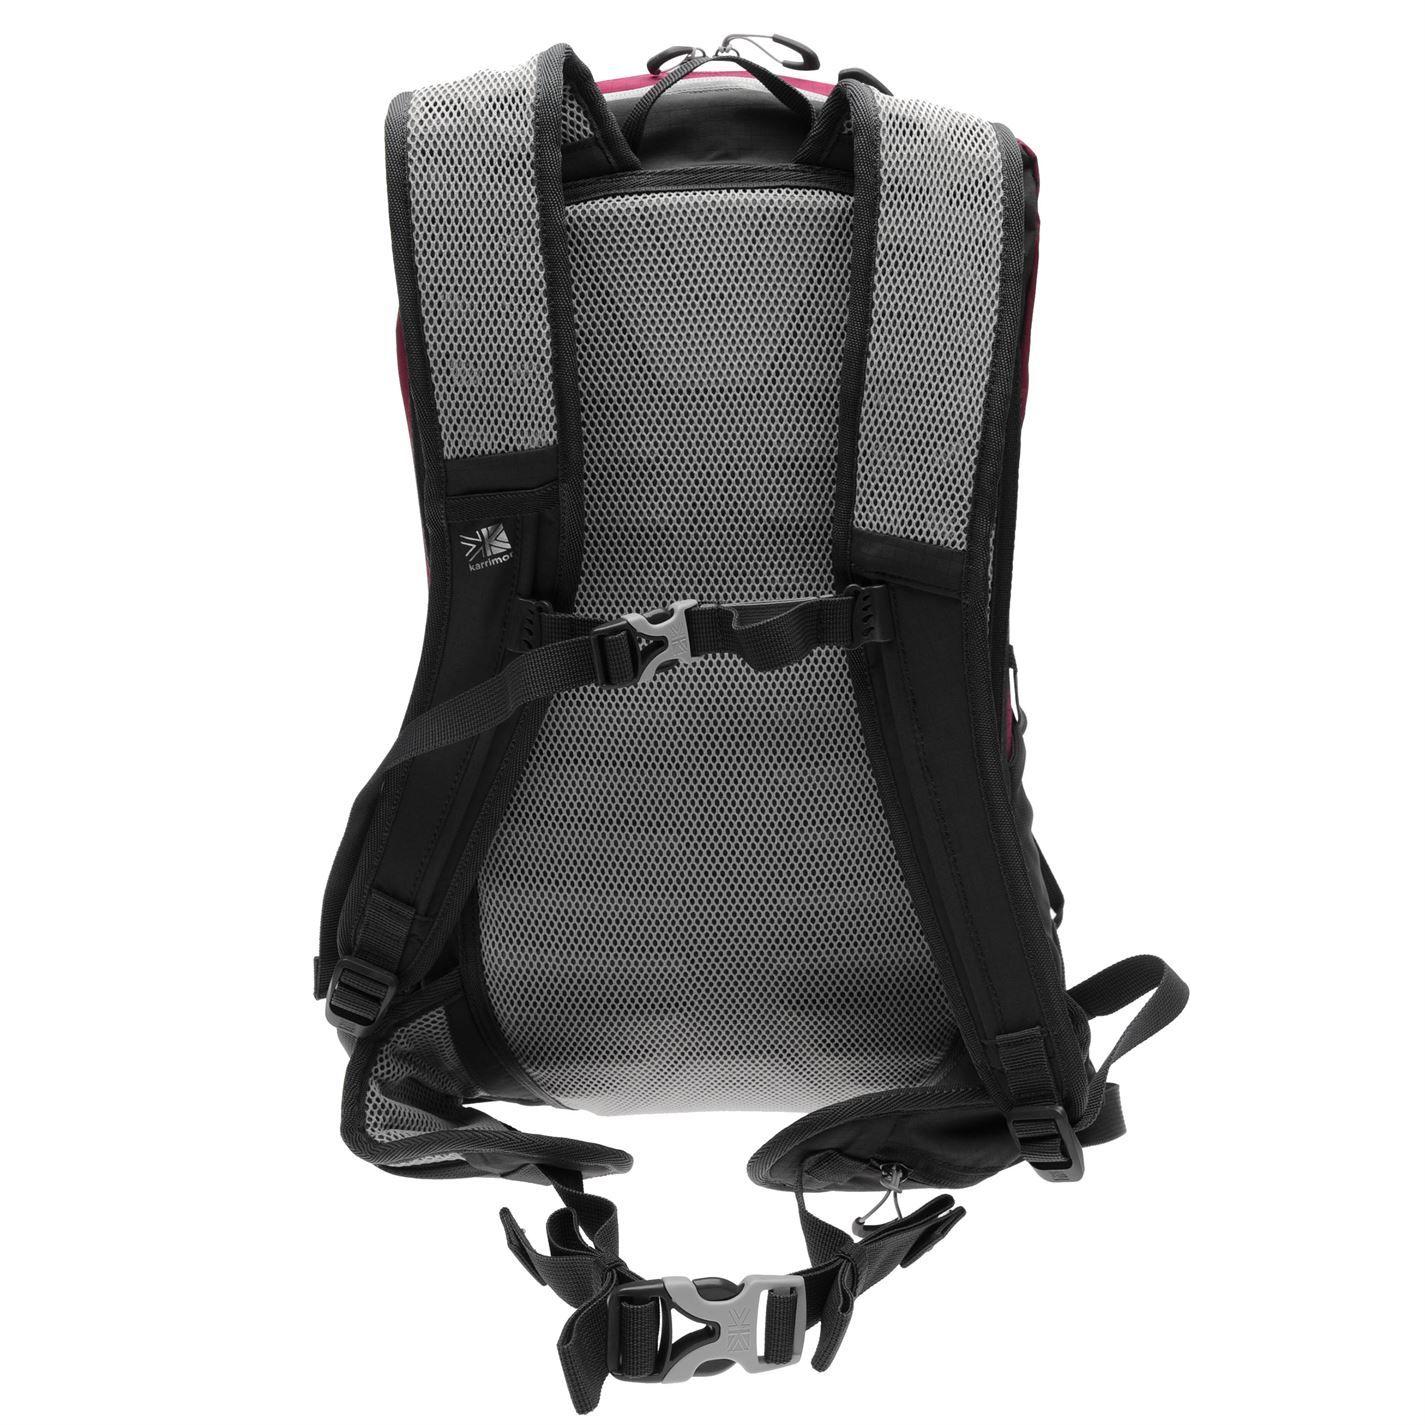 Karrimor Superlight 20 Rucksack Back pack Bag